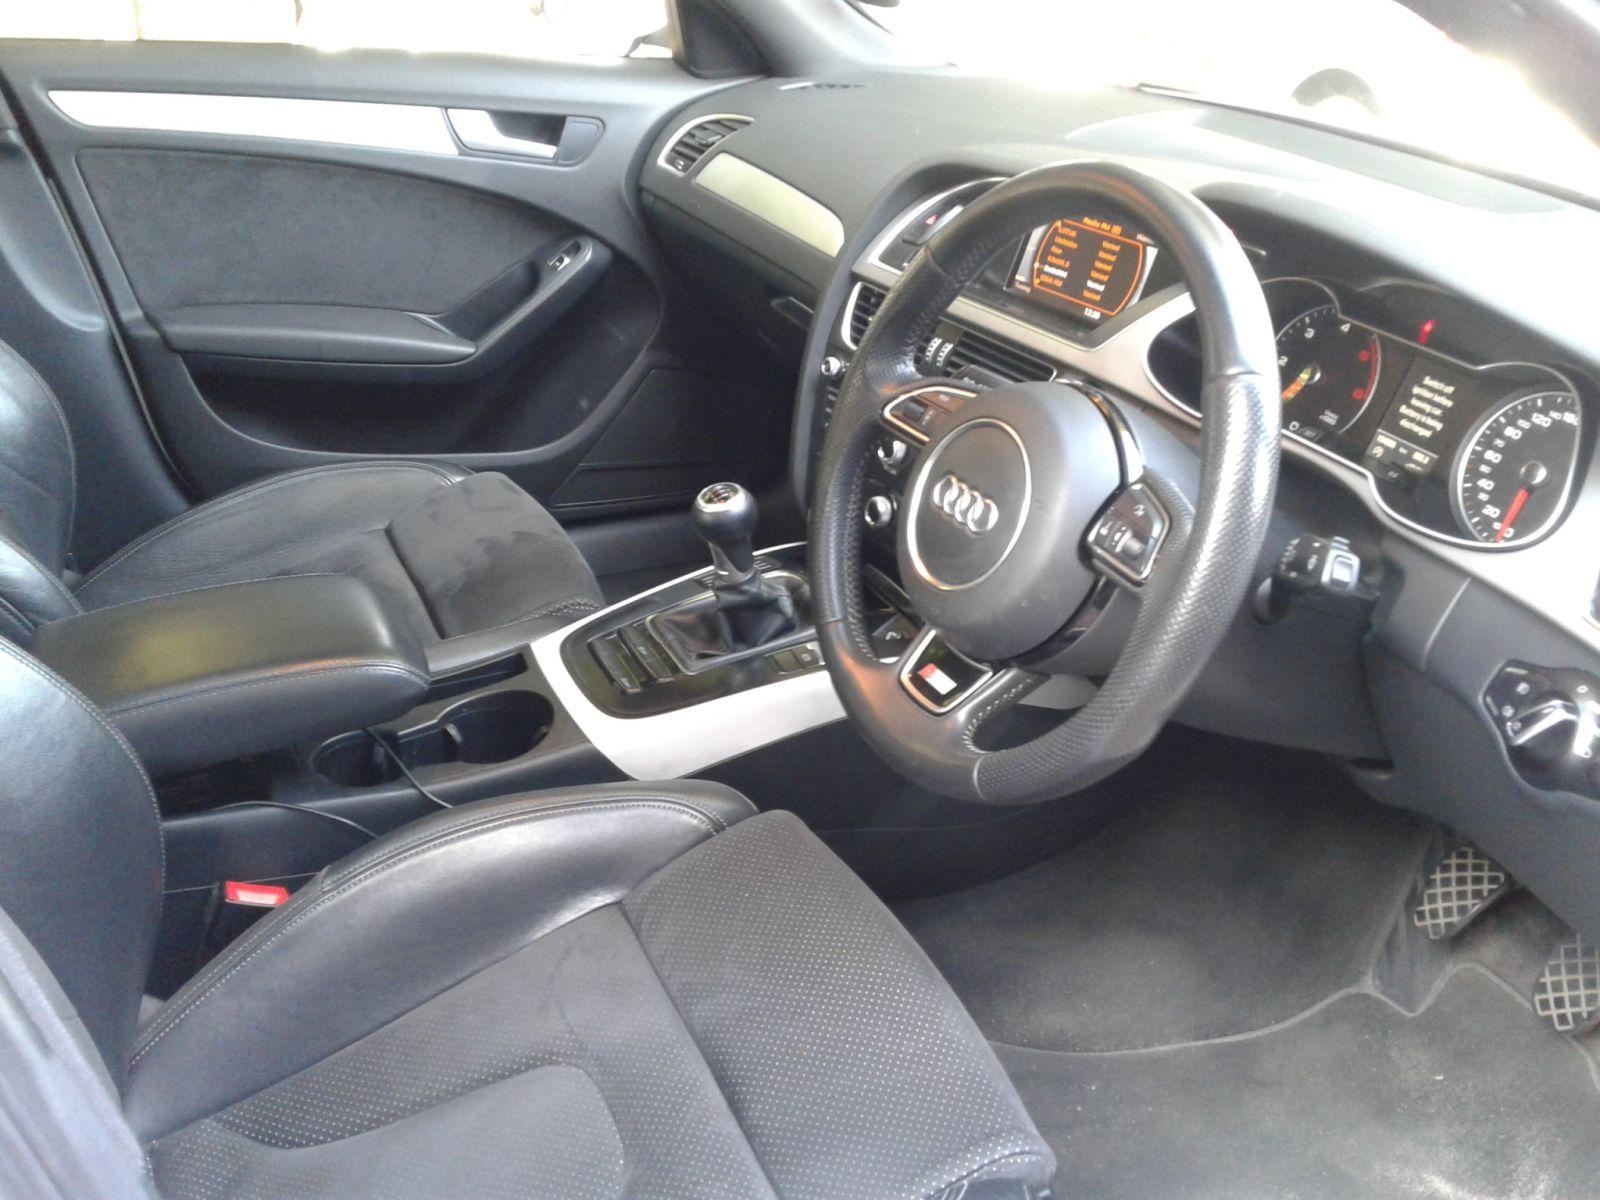 2013 AUDI A4 SEDAN A4 2.0 TDI S 105kW